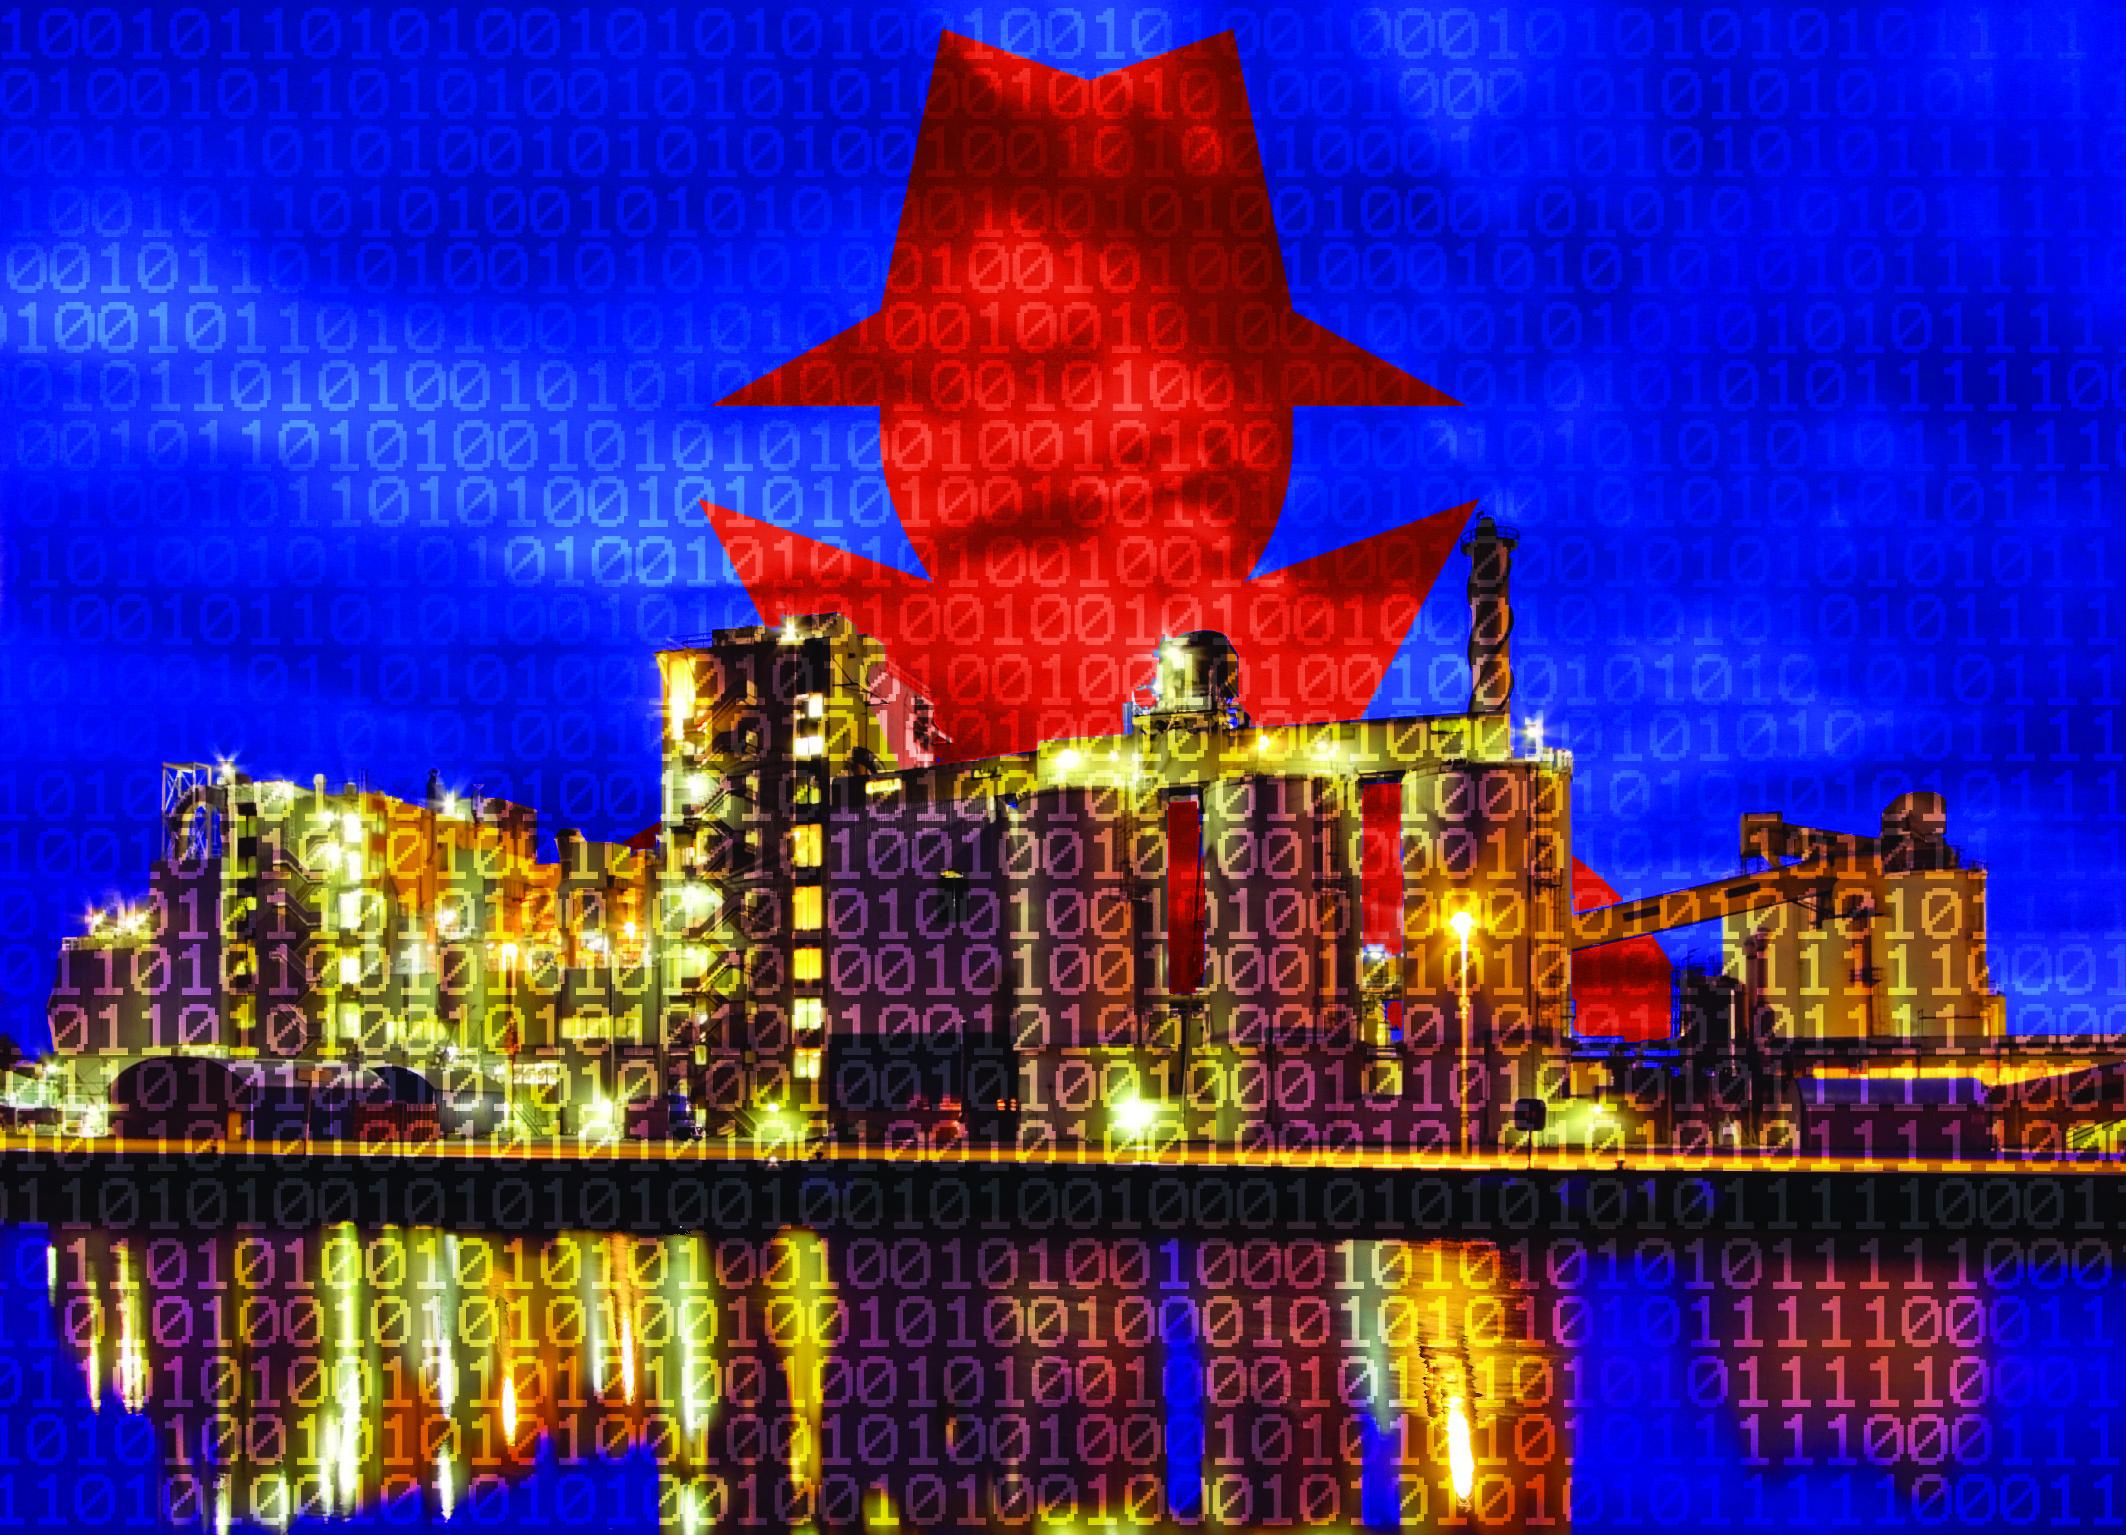 Ist Stuxnet 4.0 nur noch eine Frage der Zeit?